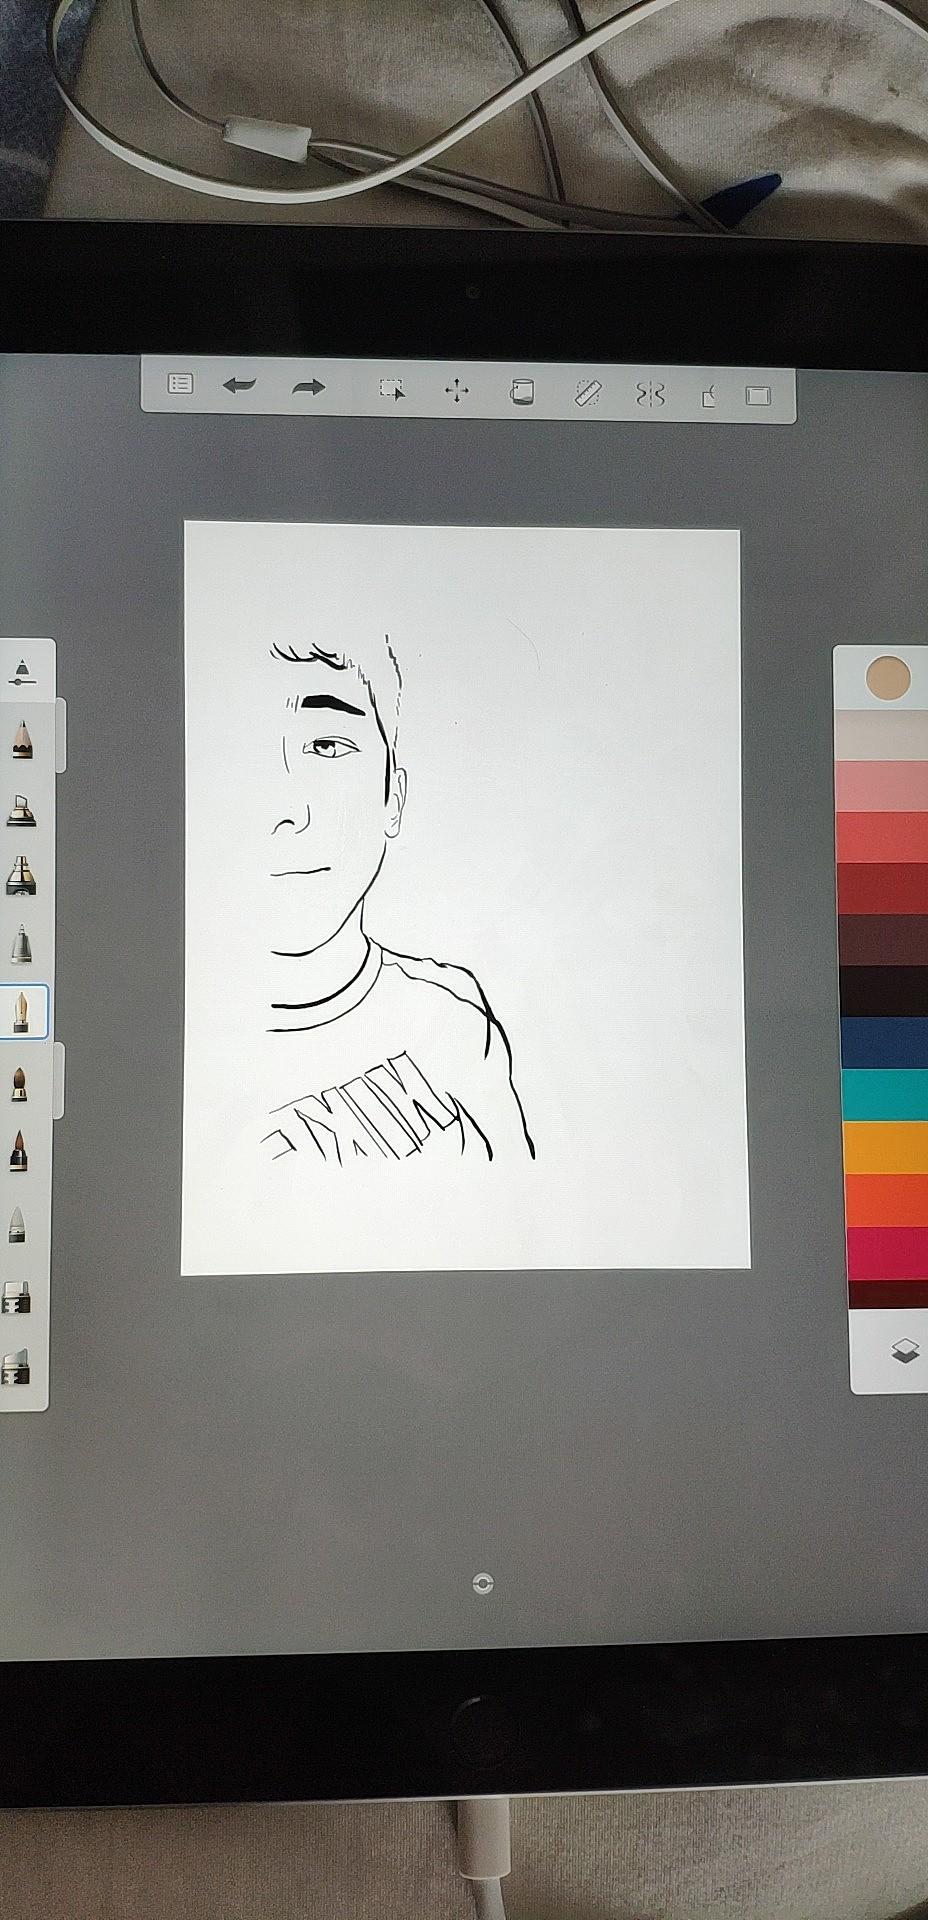 ipad绘画,头像插画制定,过年好|插画|商业插画|白浩杰